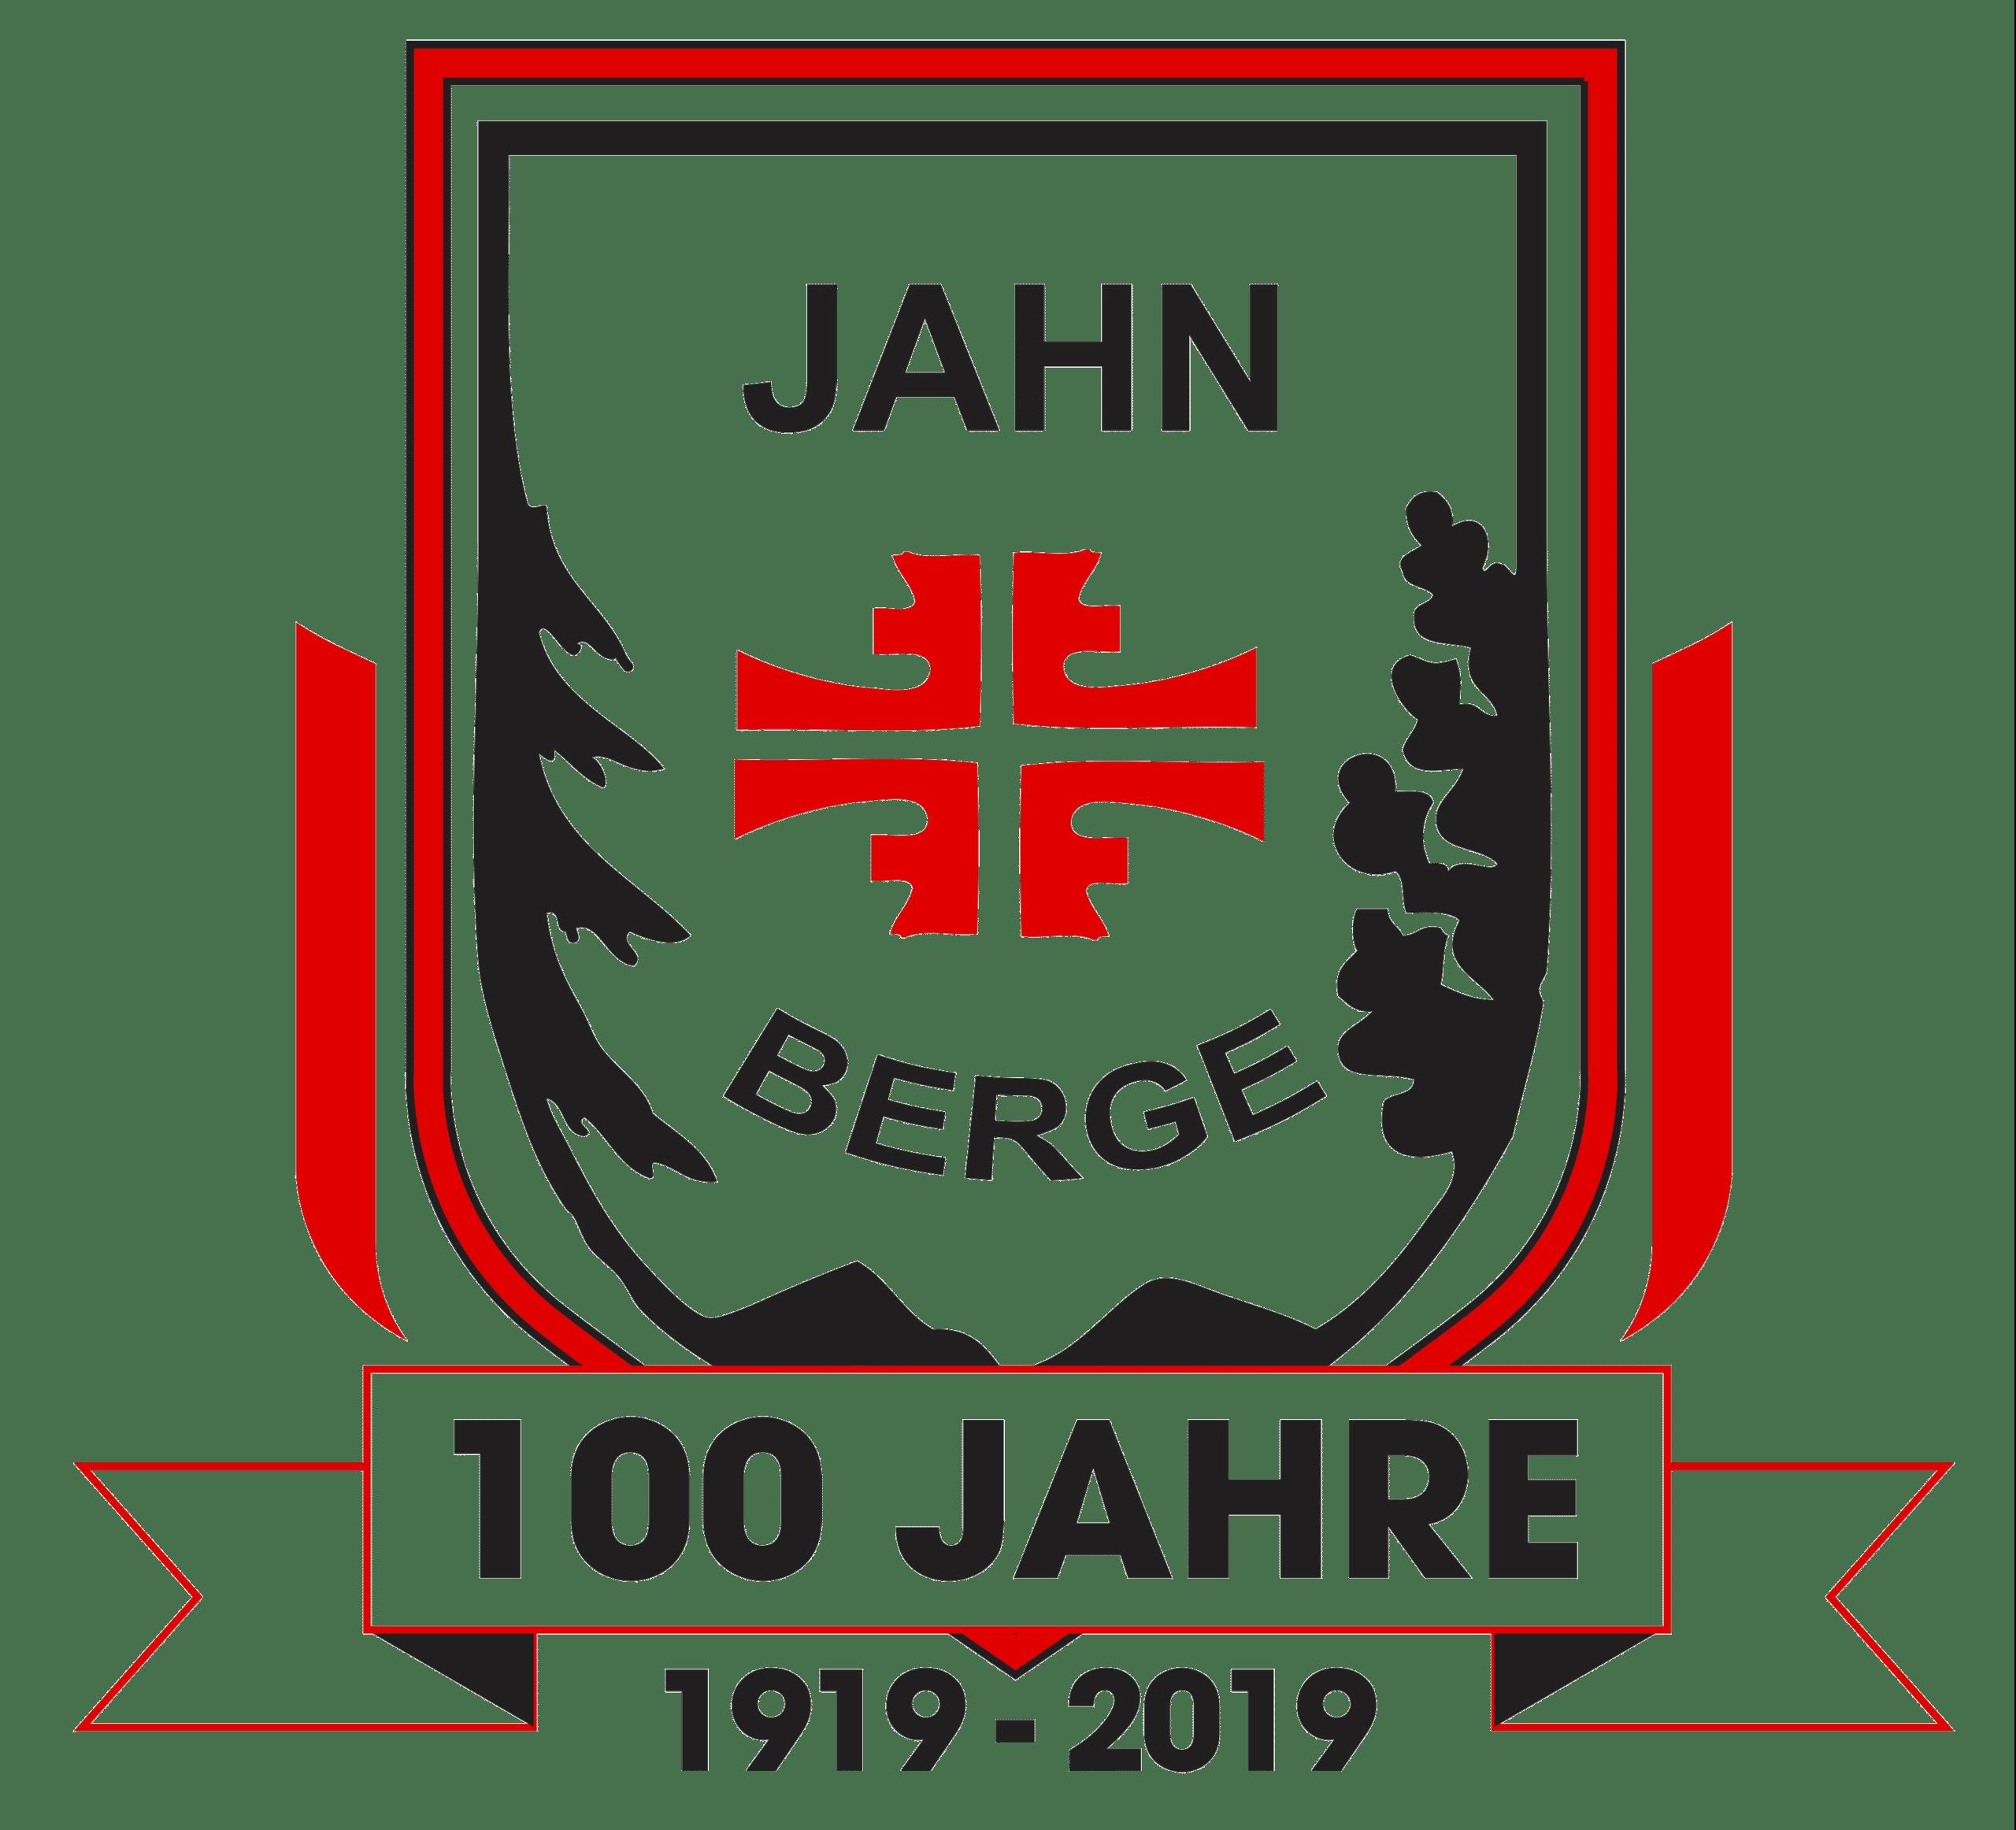 100 Jahre Logo